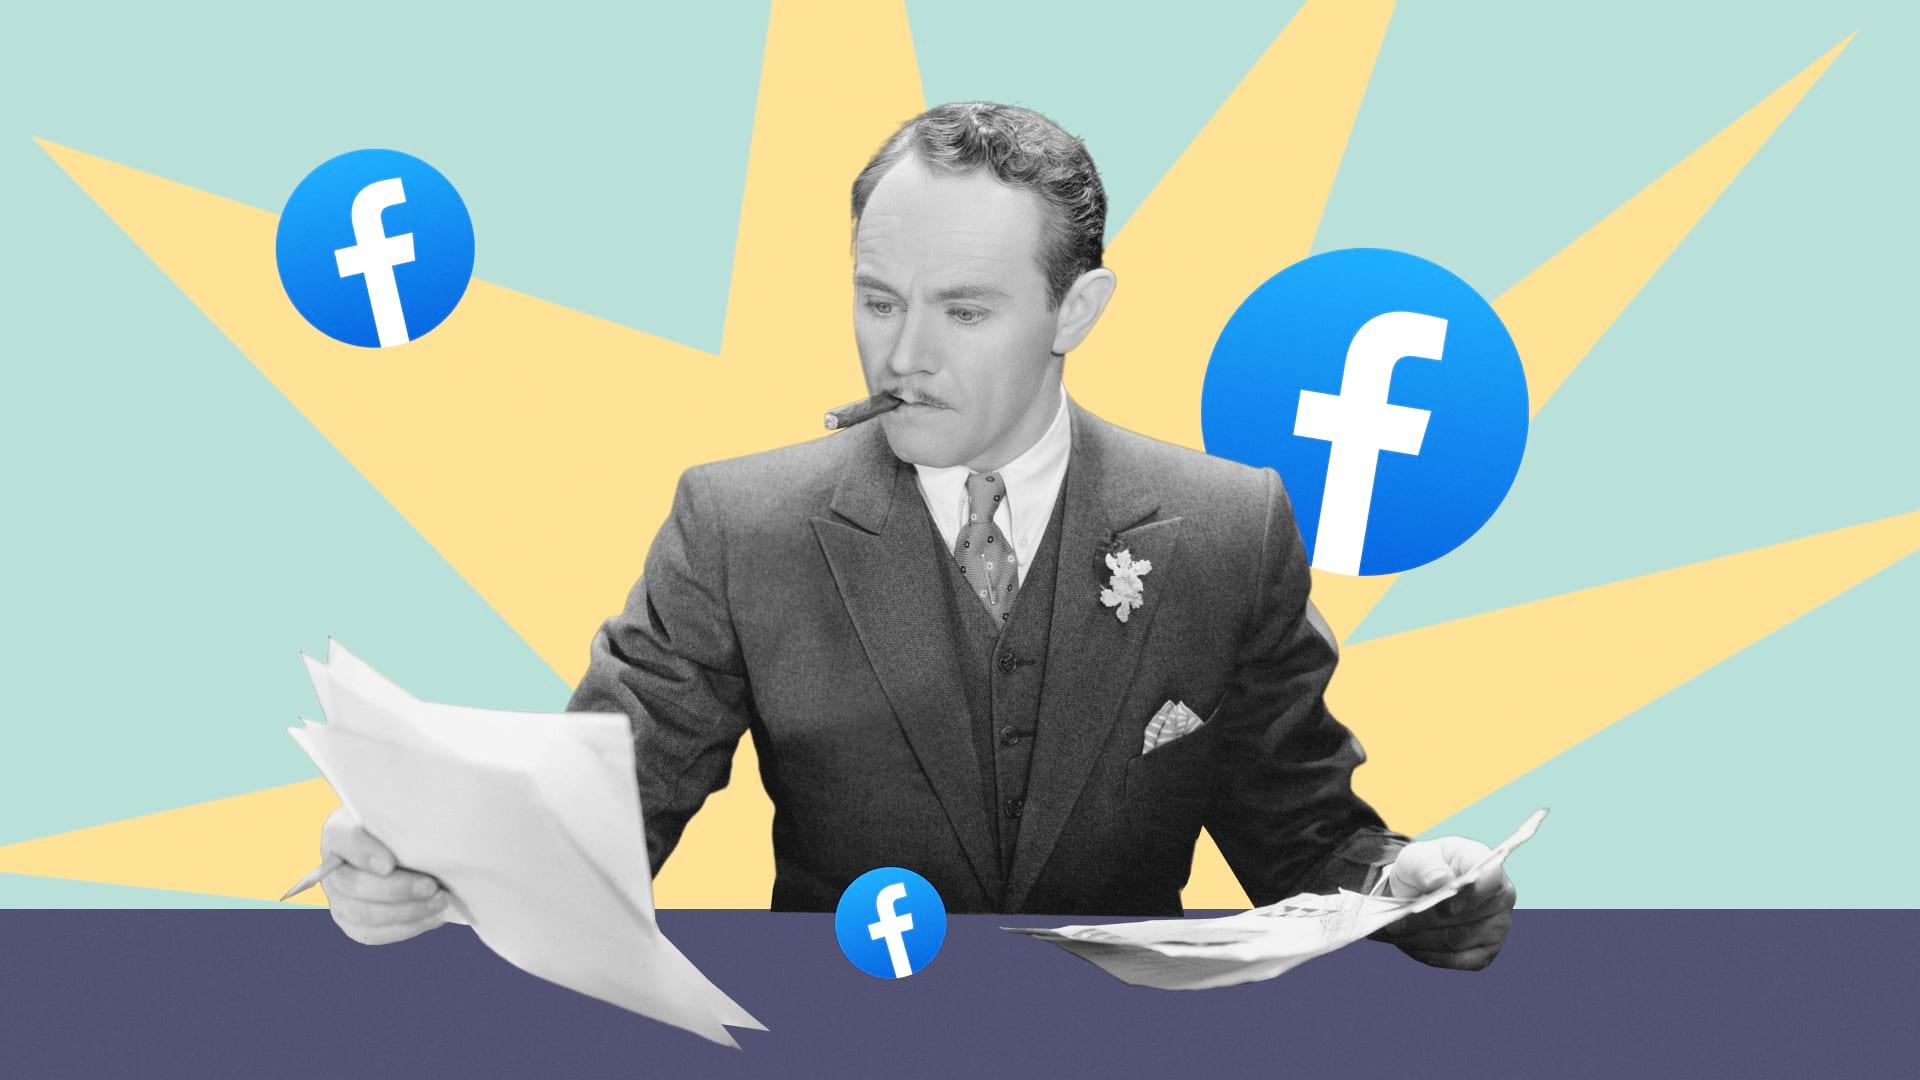 Гайд по бизнес-странице в Фейсбуке: как создать, настроить и подключить магазин